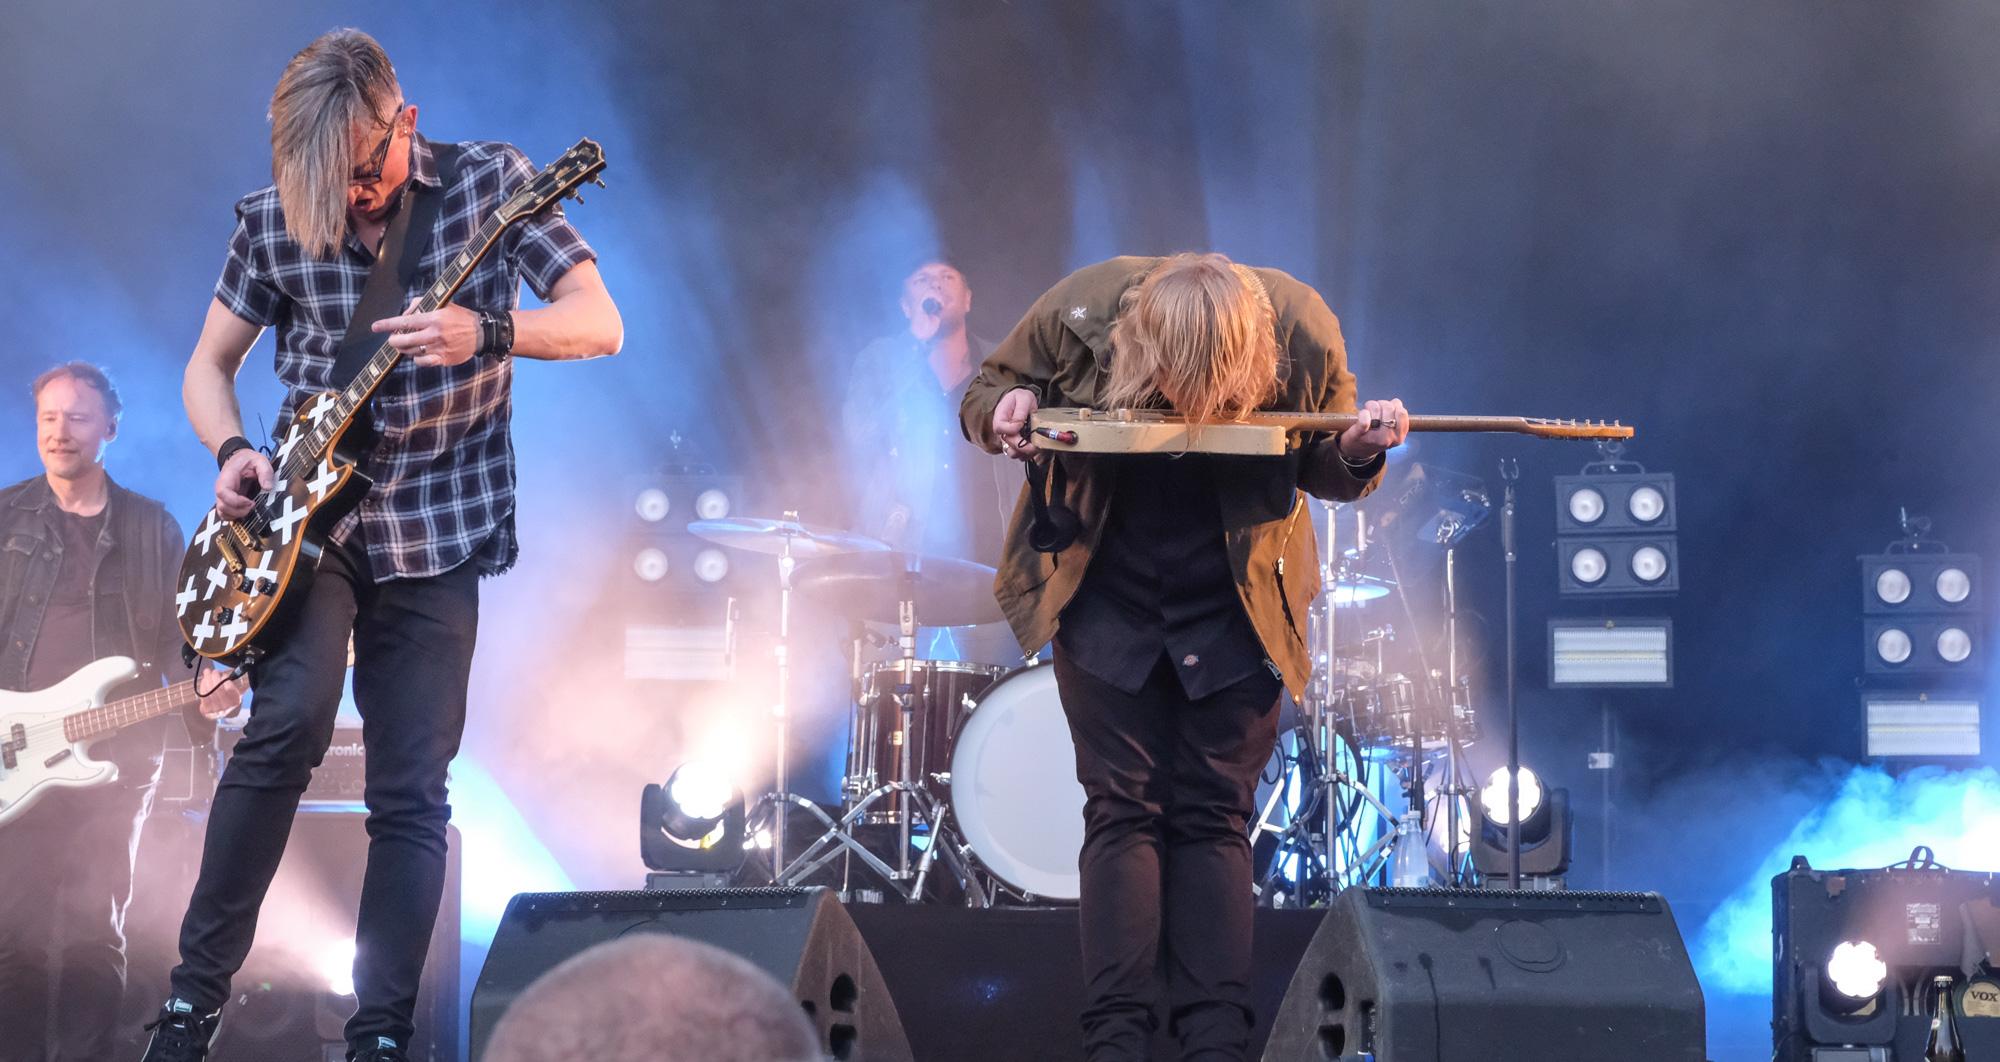 Anmeldelse: Magtens Korridorer - entusiastisk og flabet dansk rock når det er bedst